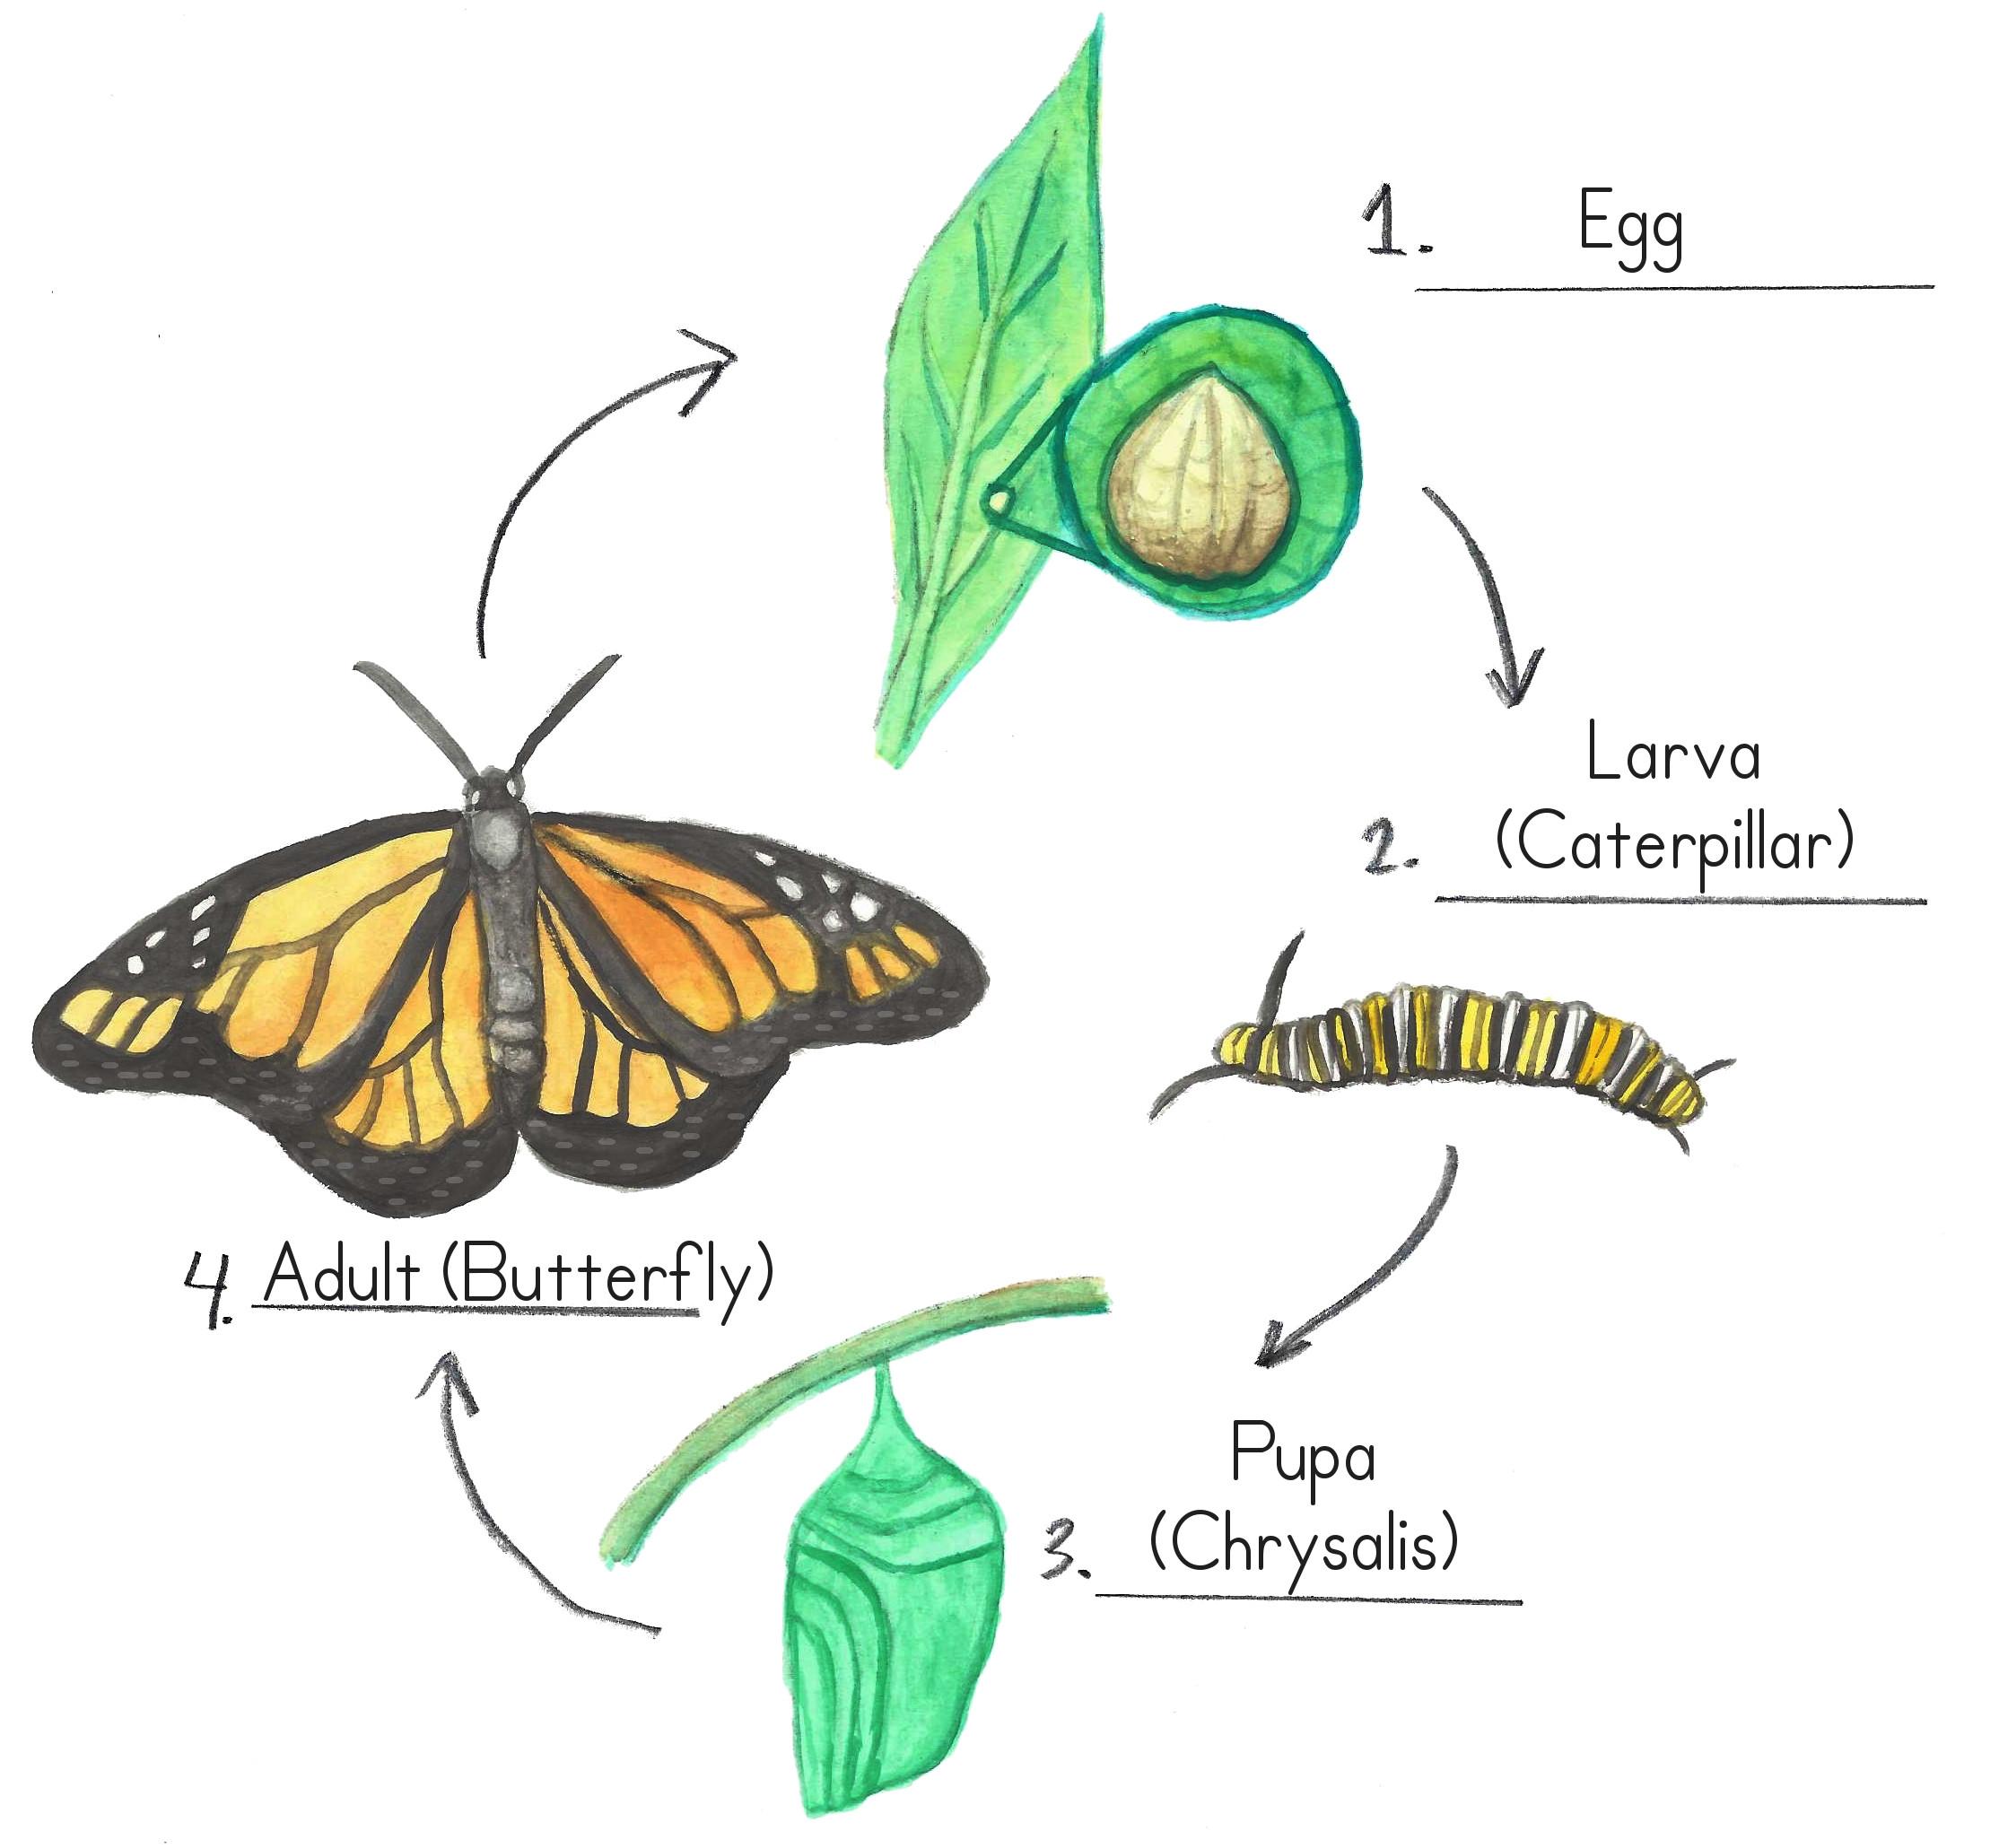 fluturii sunt paraziți giardia adică greacă